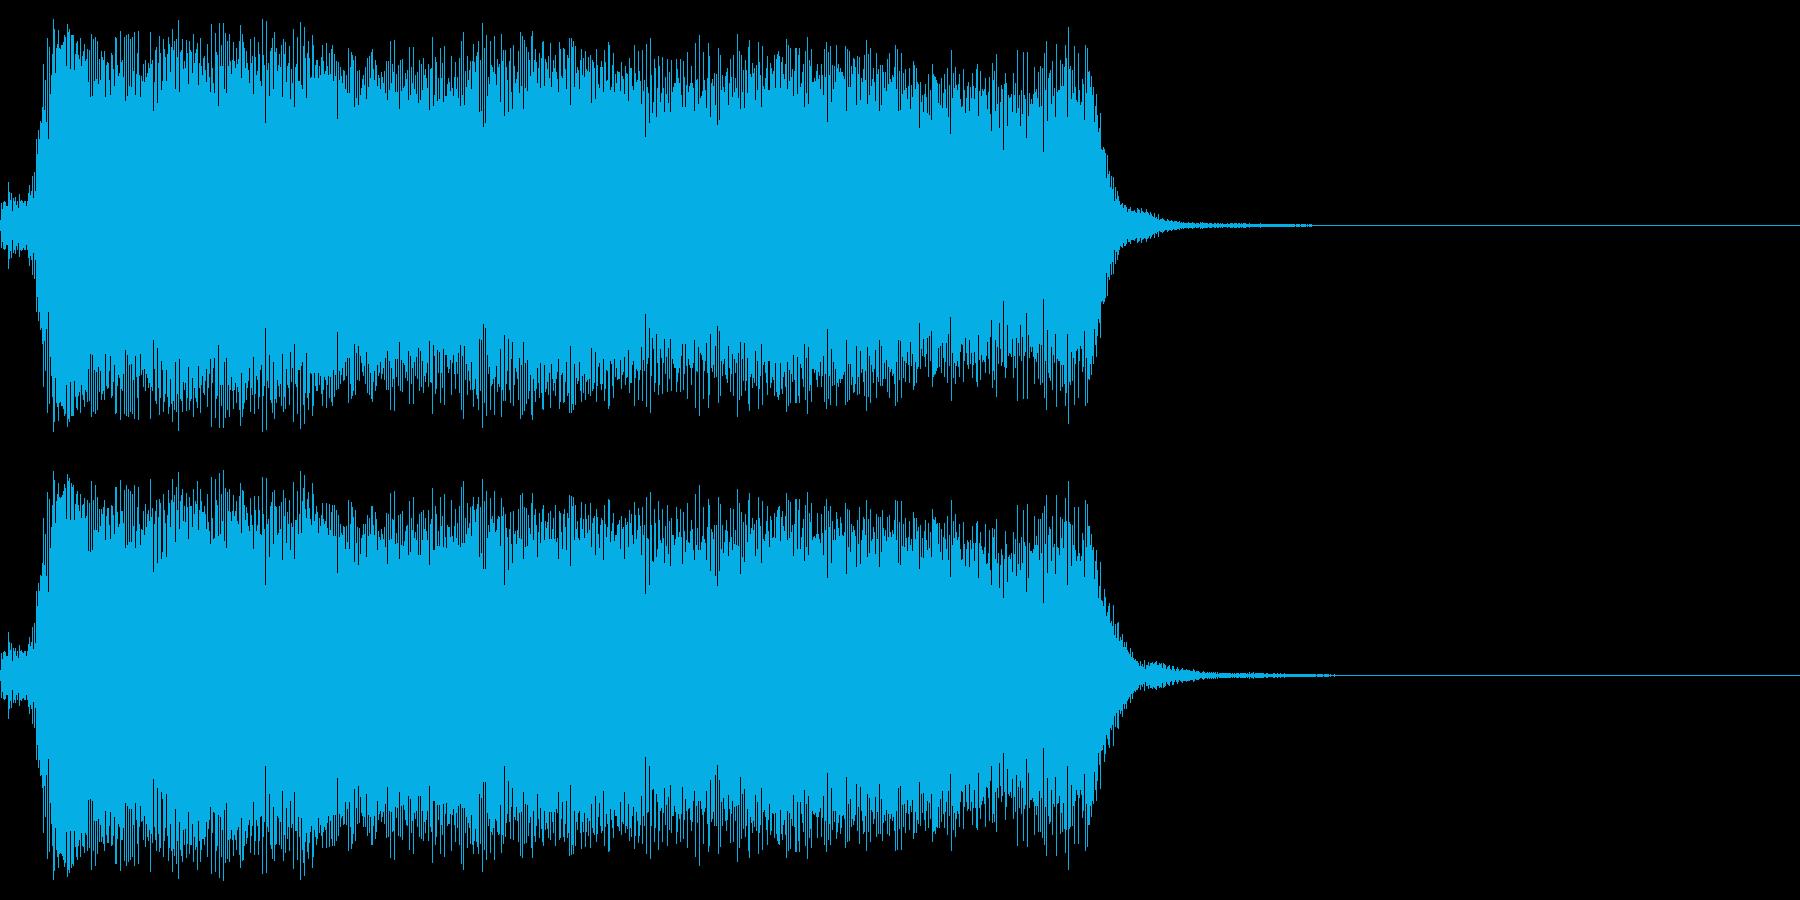 蒸気機関車の汽笛1  ポーの再生済みの波形